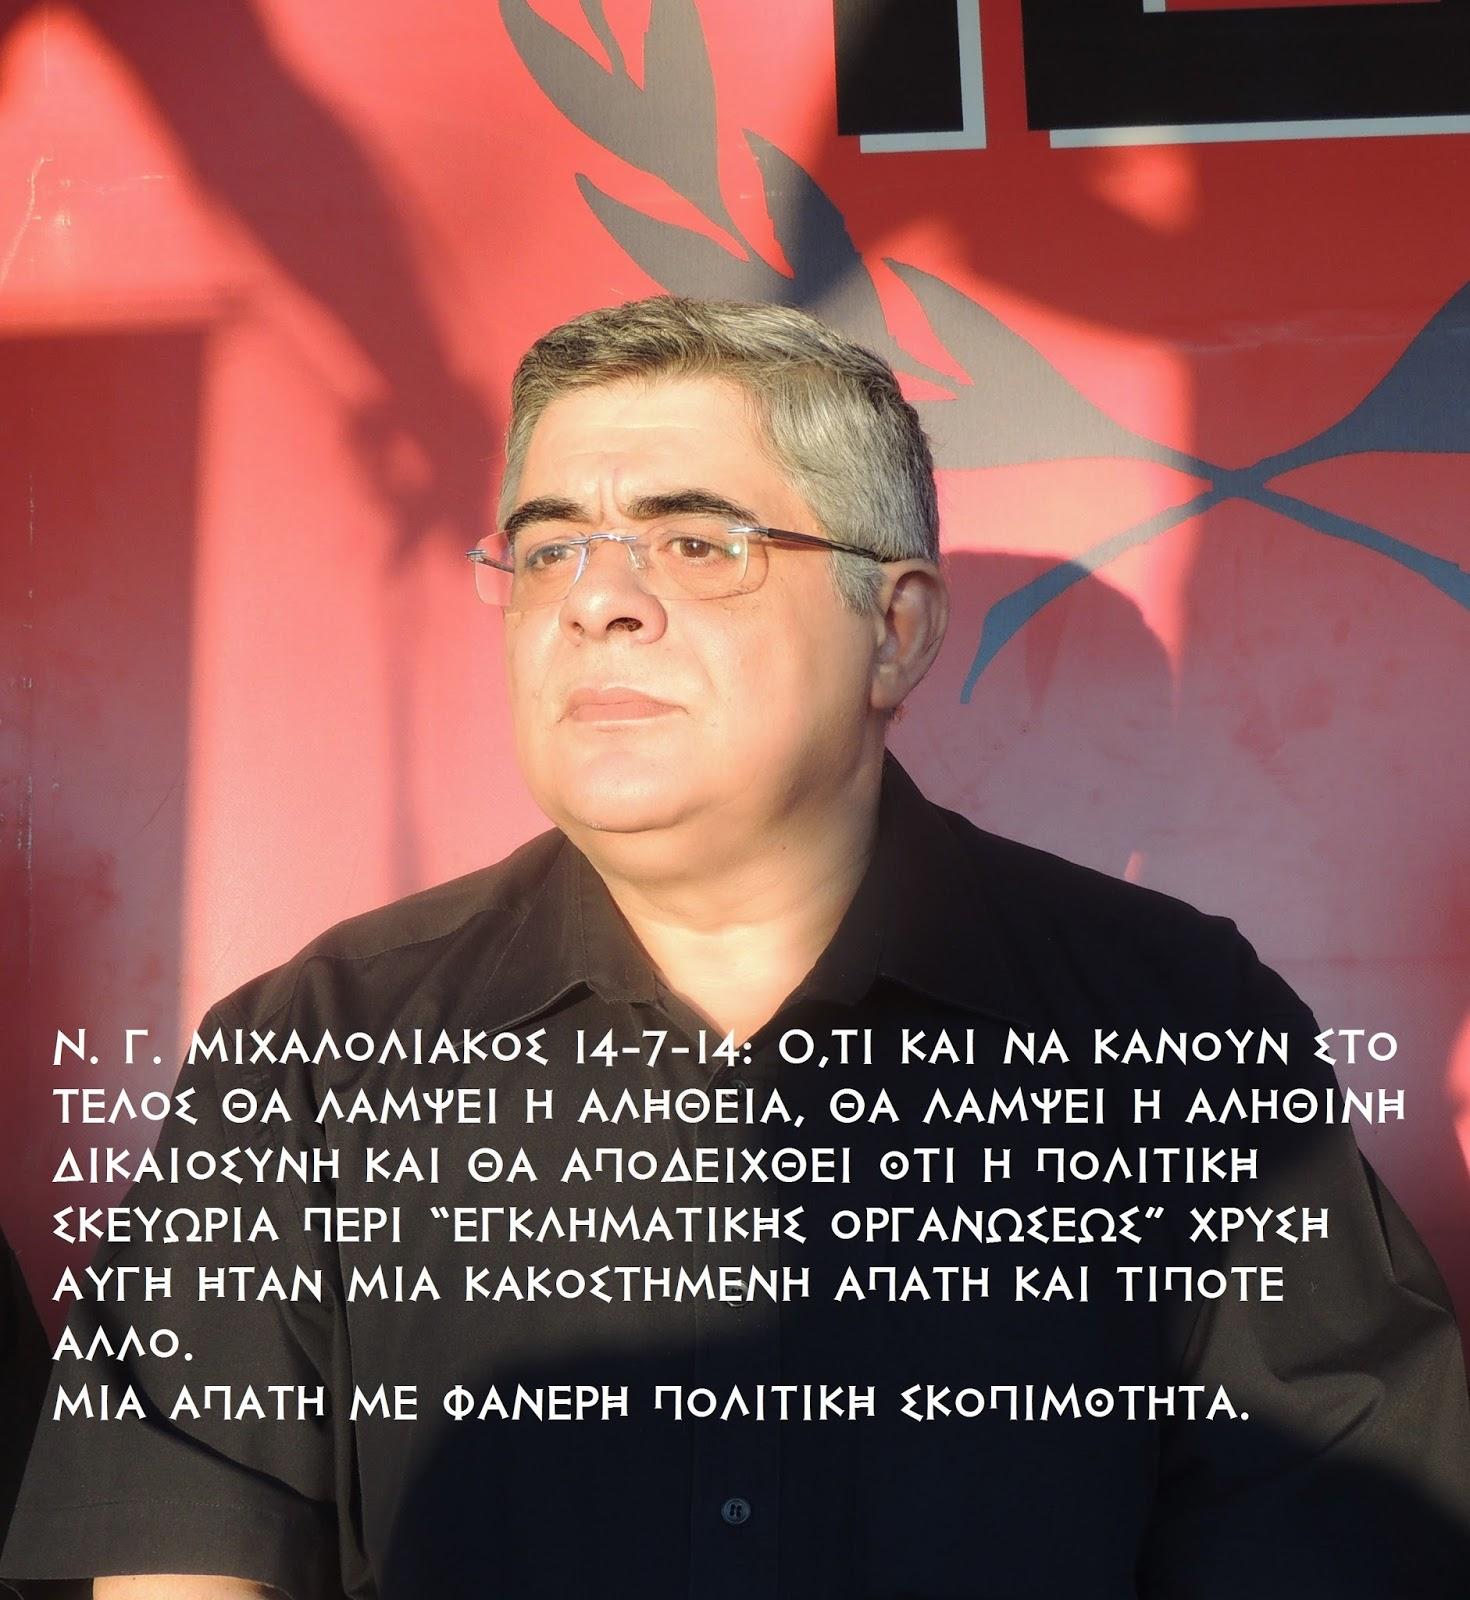 Κατάλληλος για Πρωθυπουργός ο Μιχαλολιάκος